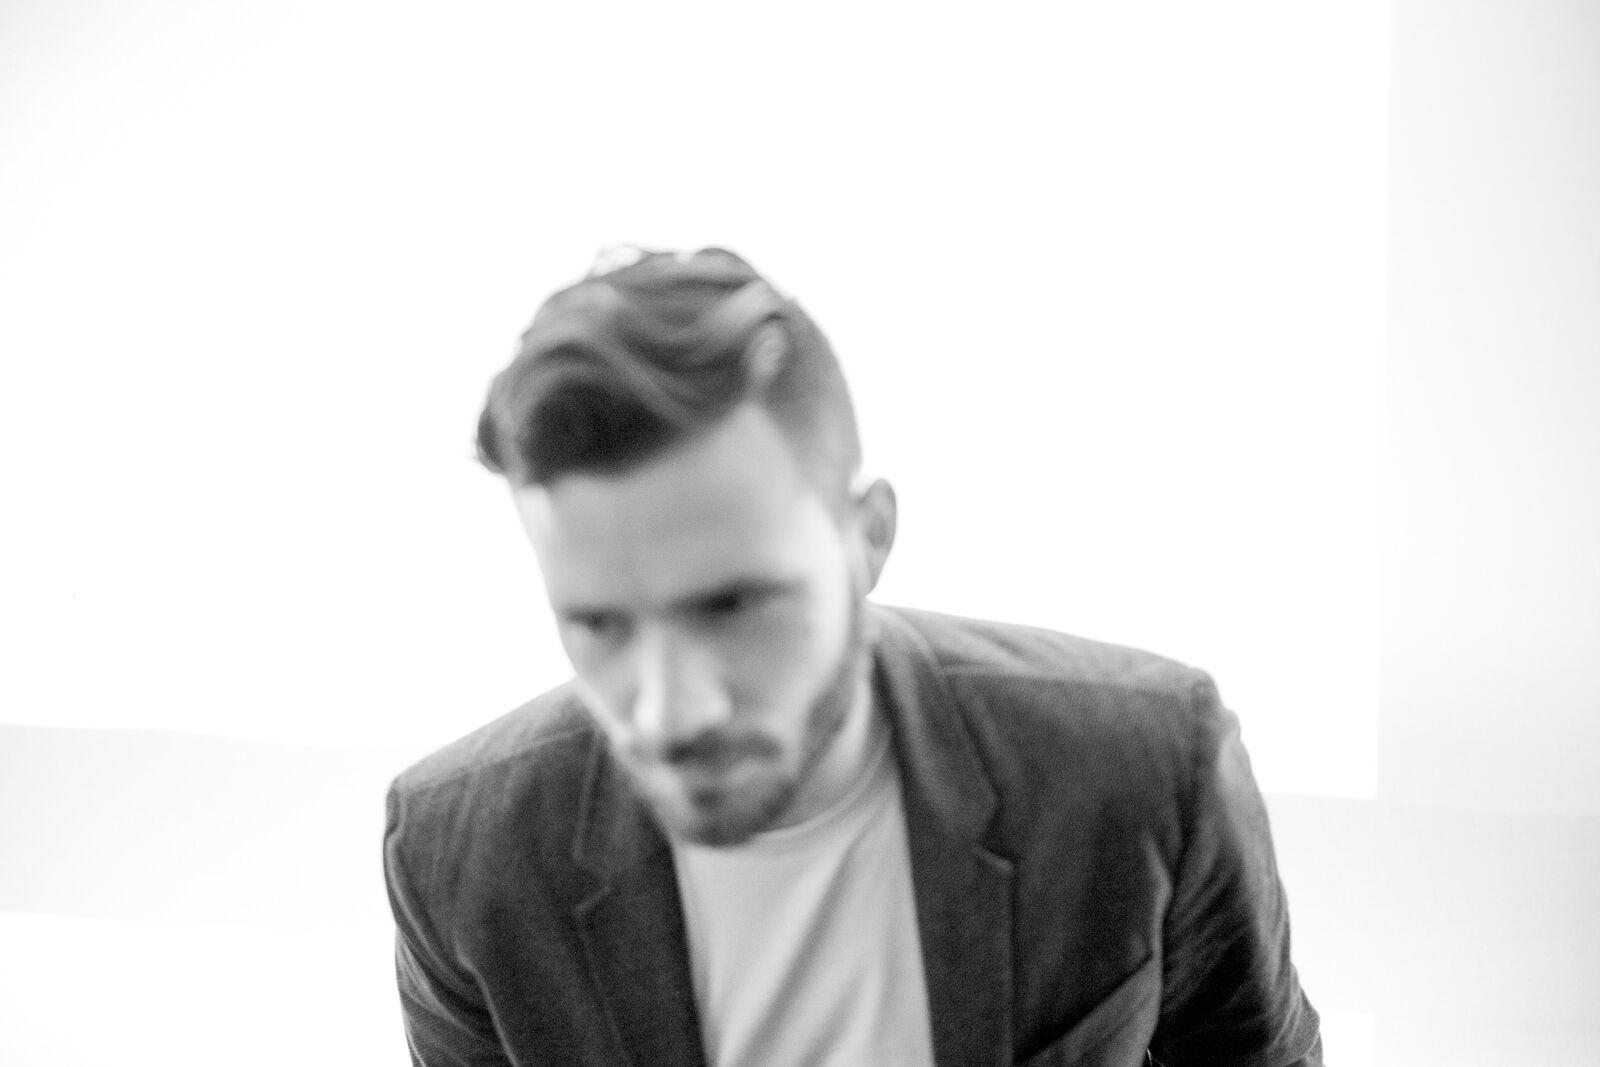 Go to Matthias Blonski's profile